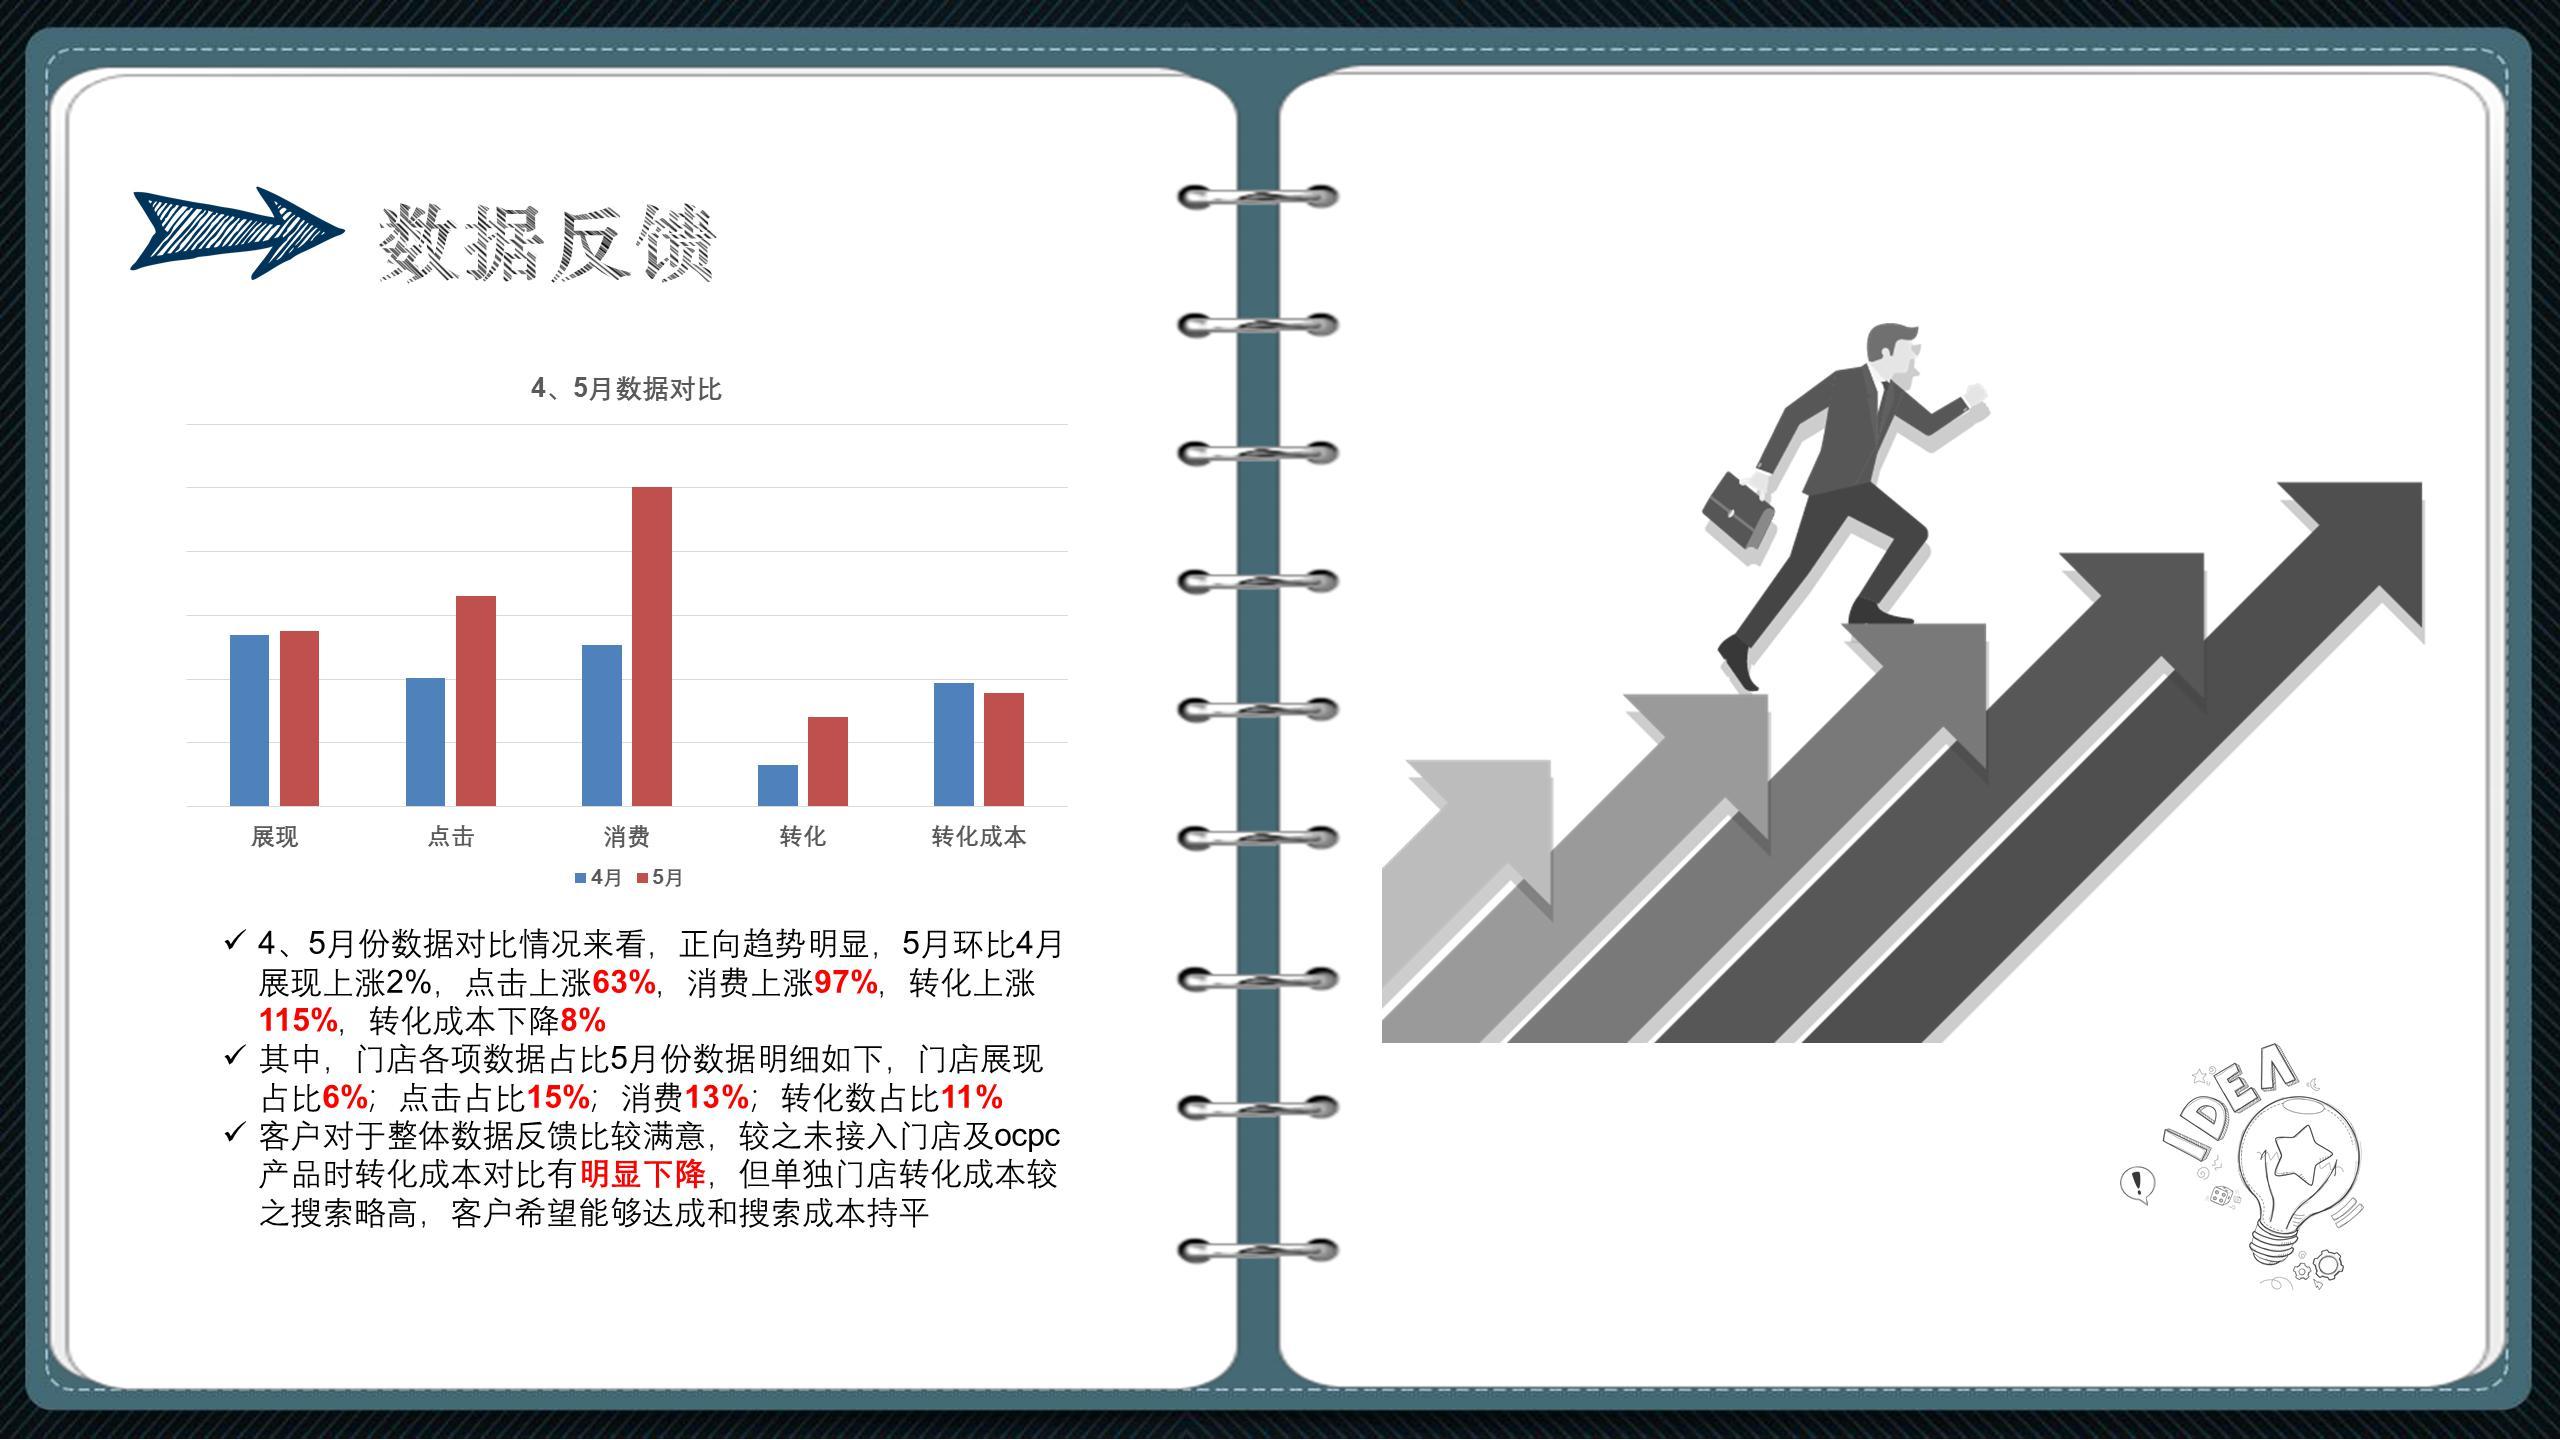 教育培训【直销】北分-世纪文都案例脱敏版_15.jpg